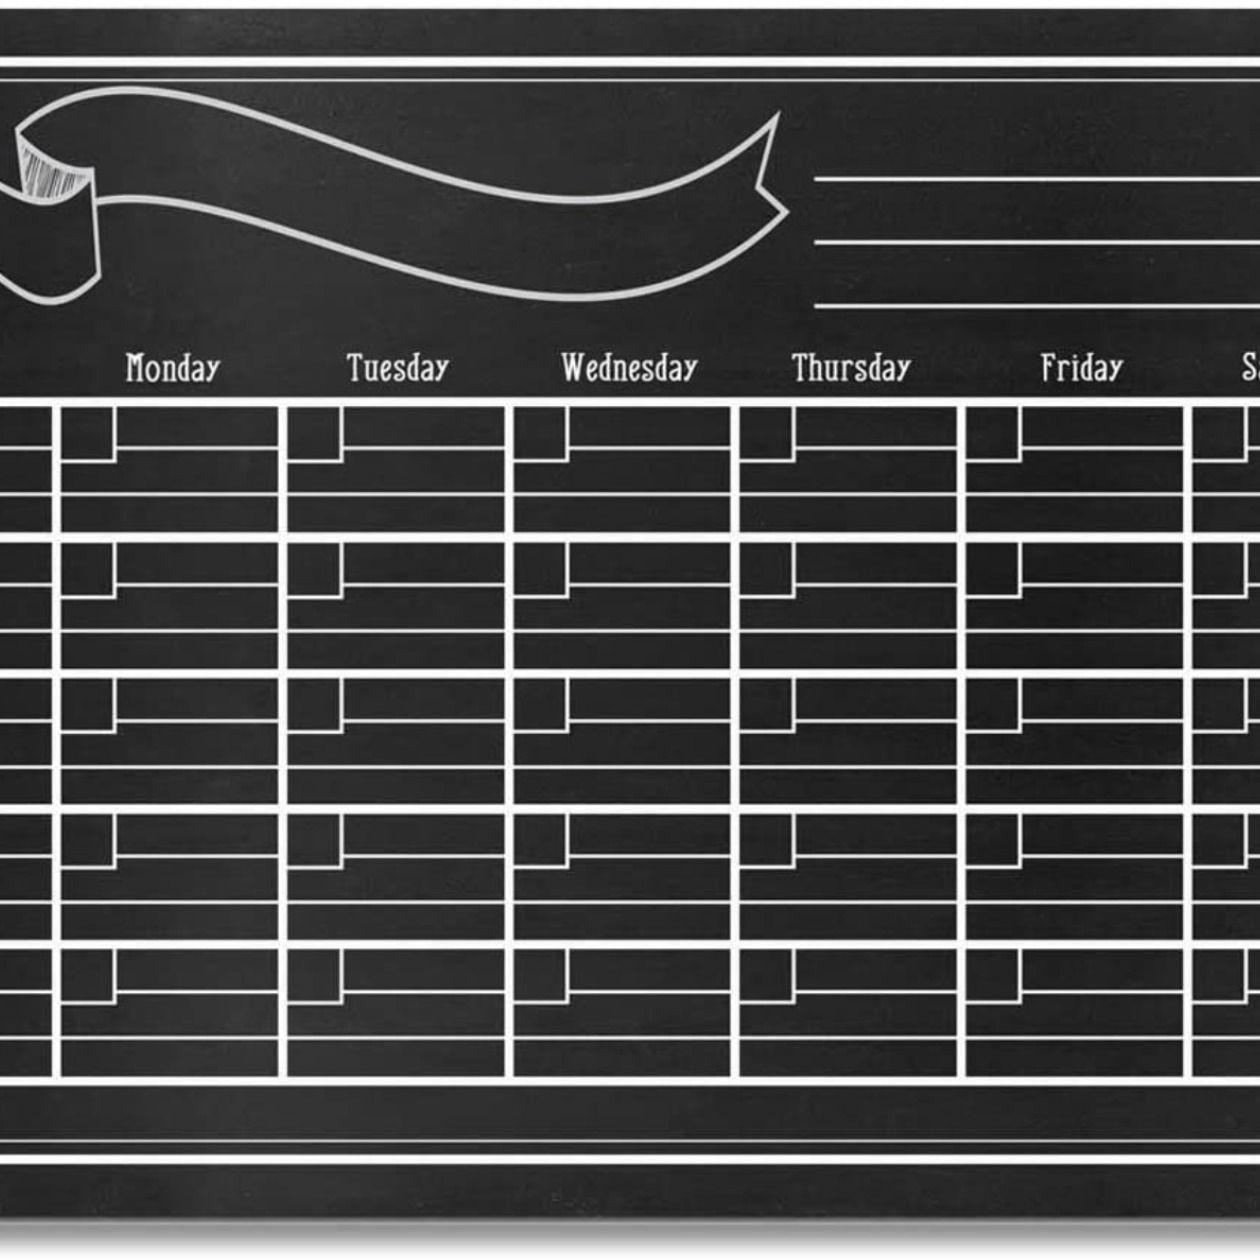 Chalkboard Wall Calendar In 2020 Chalkboard Wall Calendars Dry Erase Markers Wall Planner